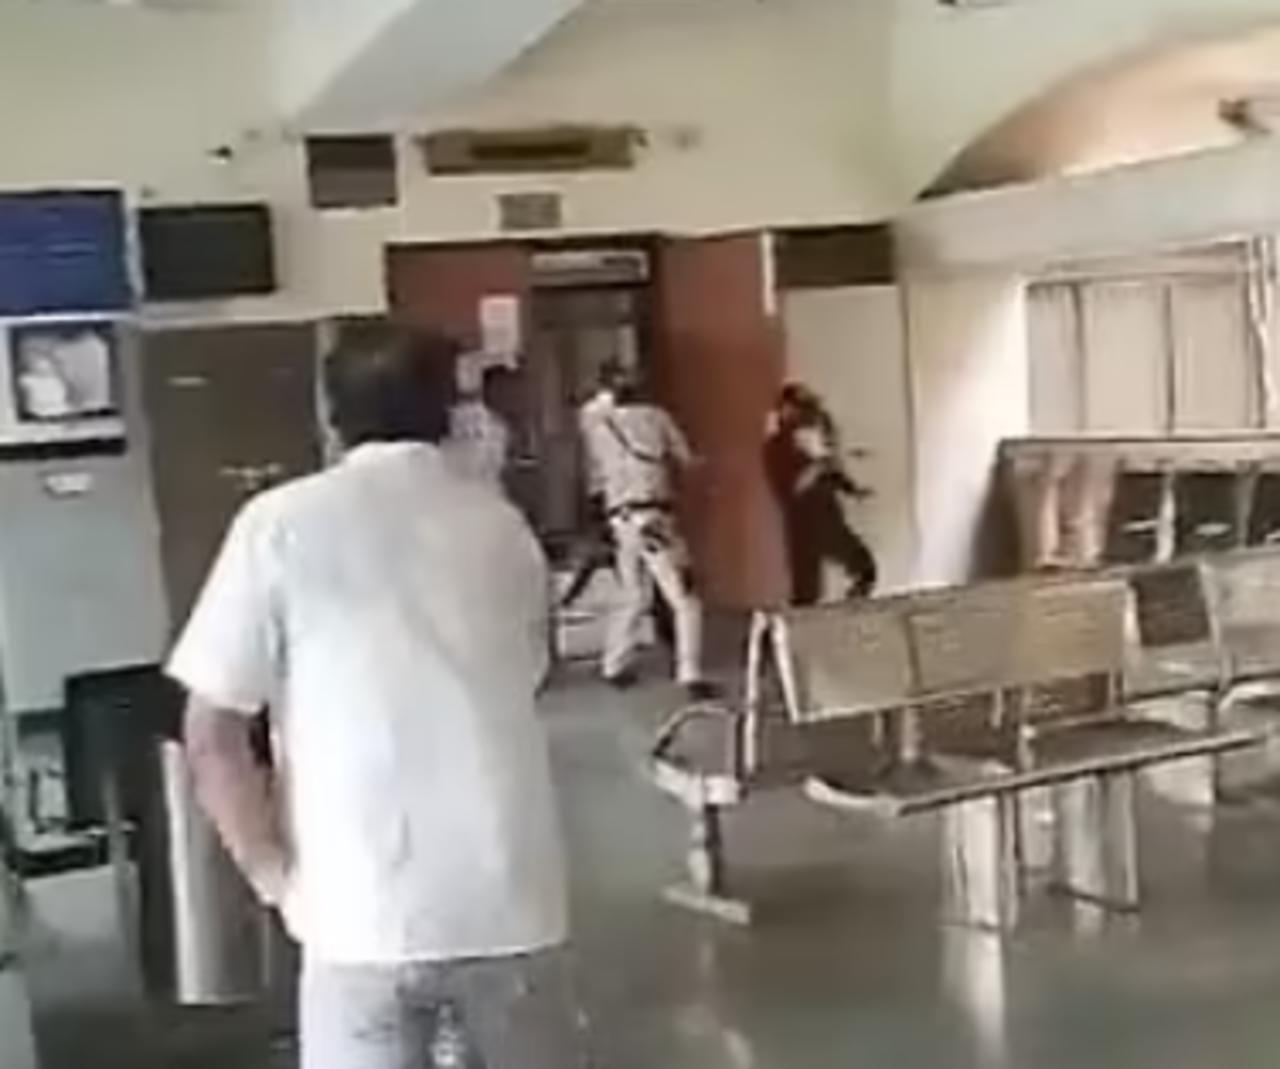 Hombres vestidos de abogados acribillan a líder de pandilla en un tribunal y son abatidos